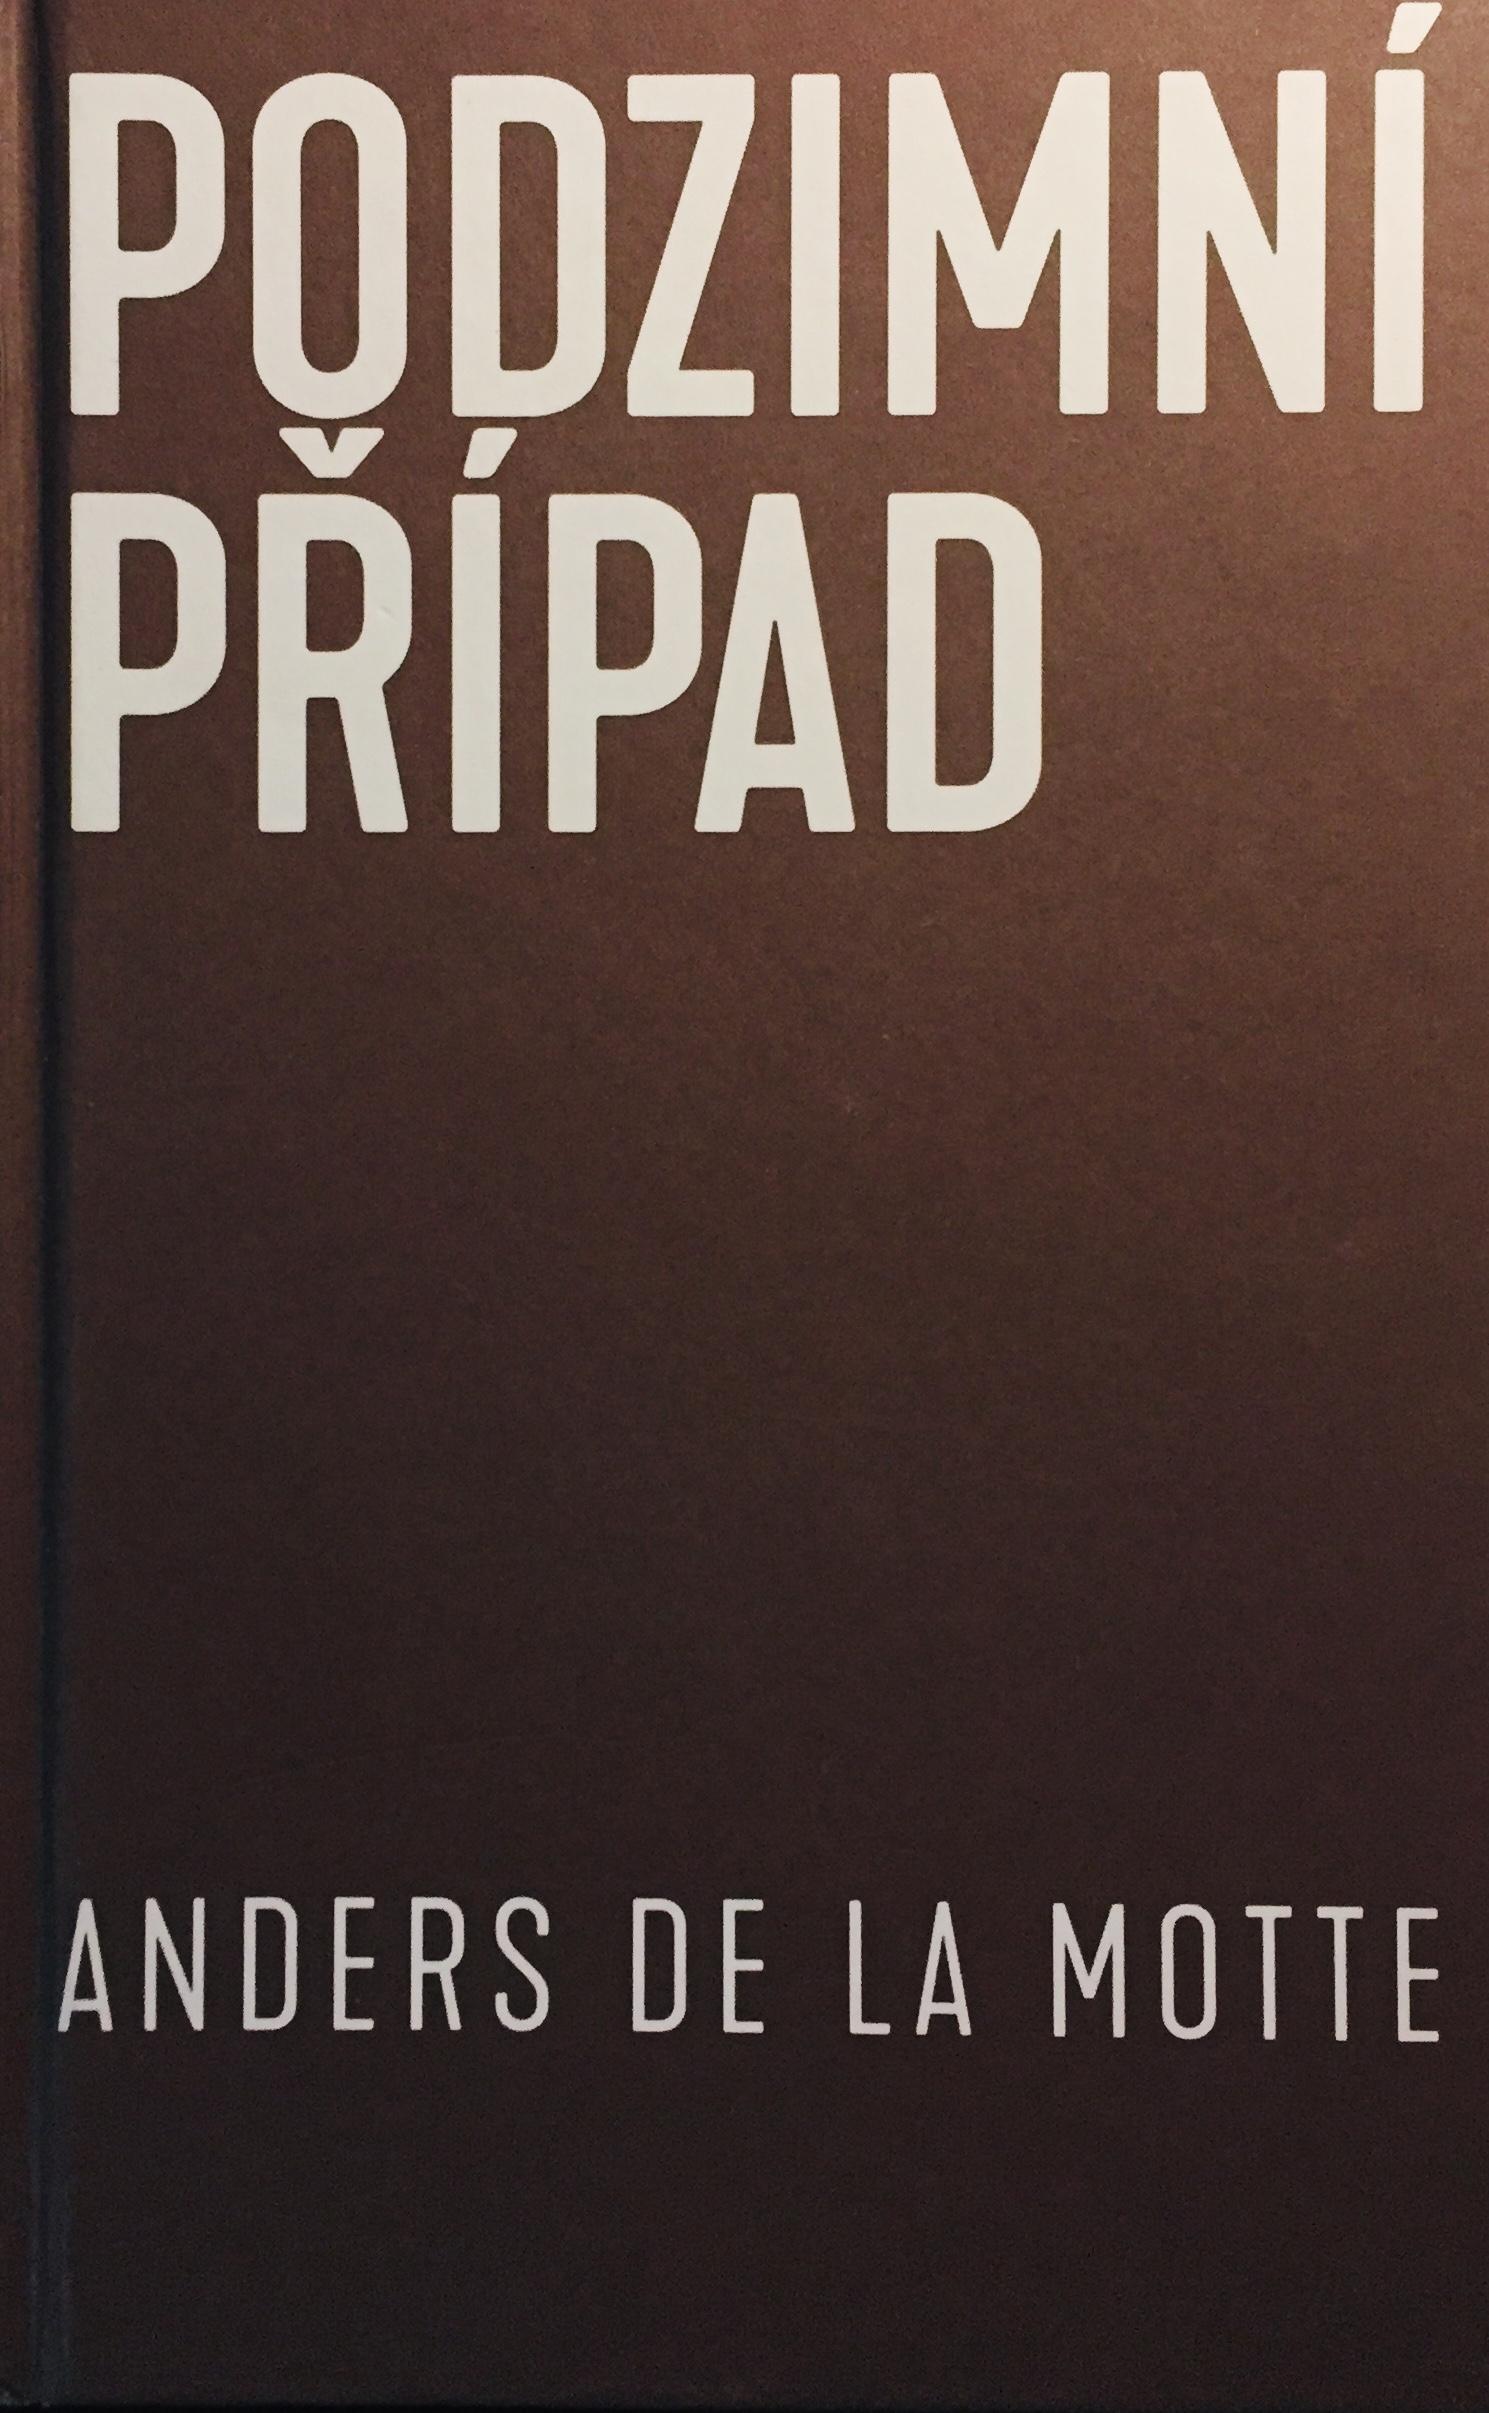 Podzimní případ - Anders de la Motte /bazarové zboží/